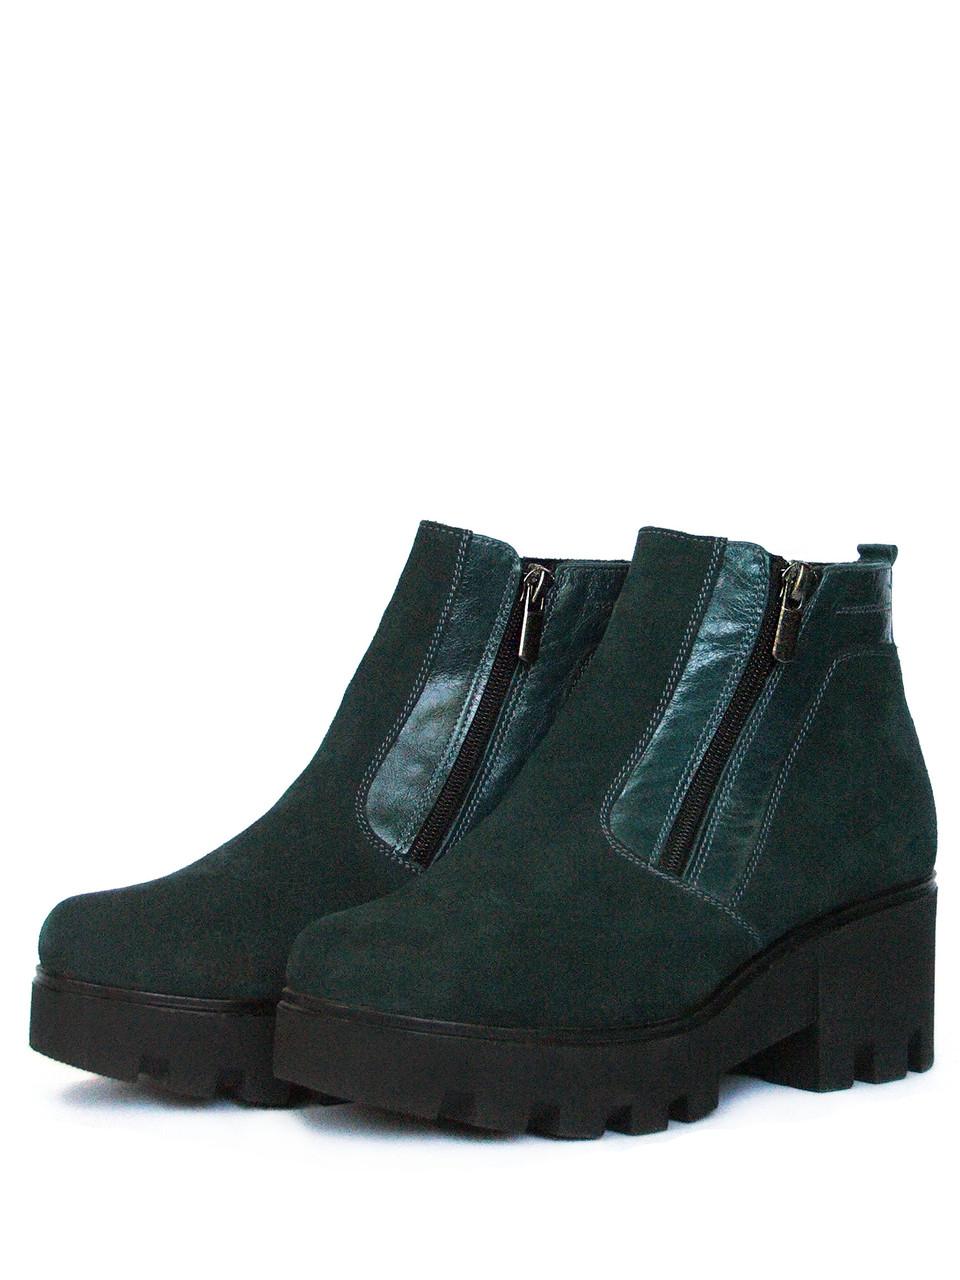 Зеленые женские ботинки